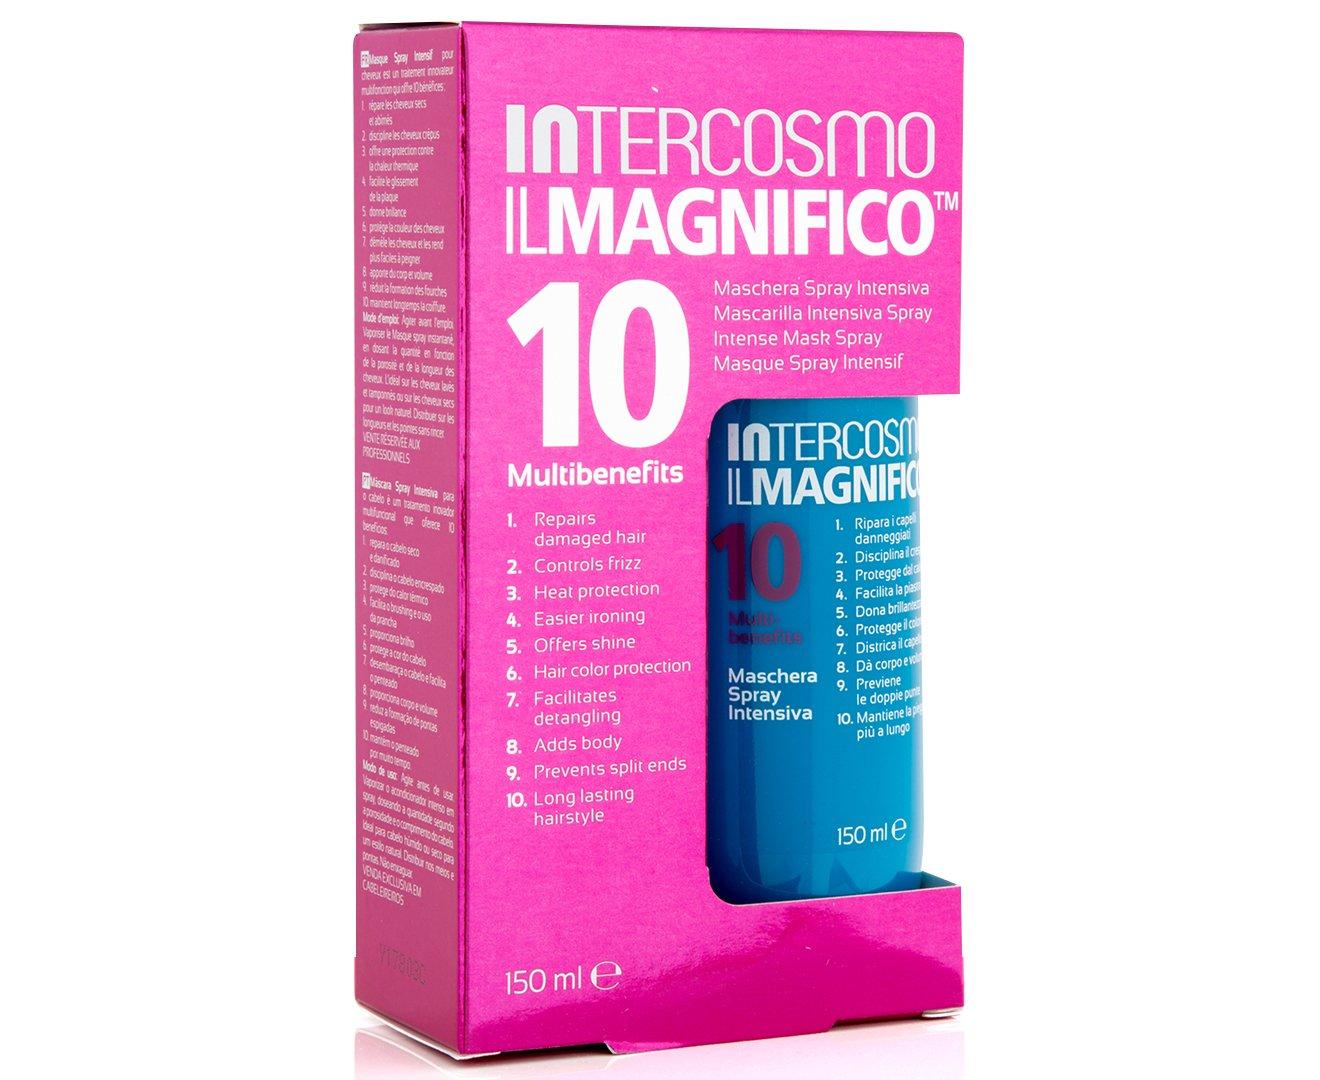 Revlon - Intercosmo magnifico 150 ml: Amazon.es: Salud y cuidado personal